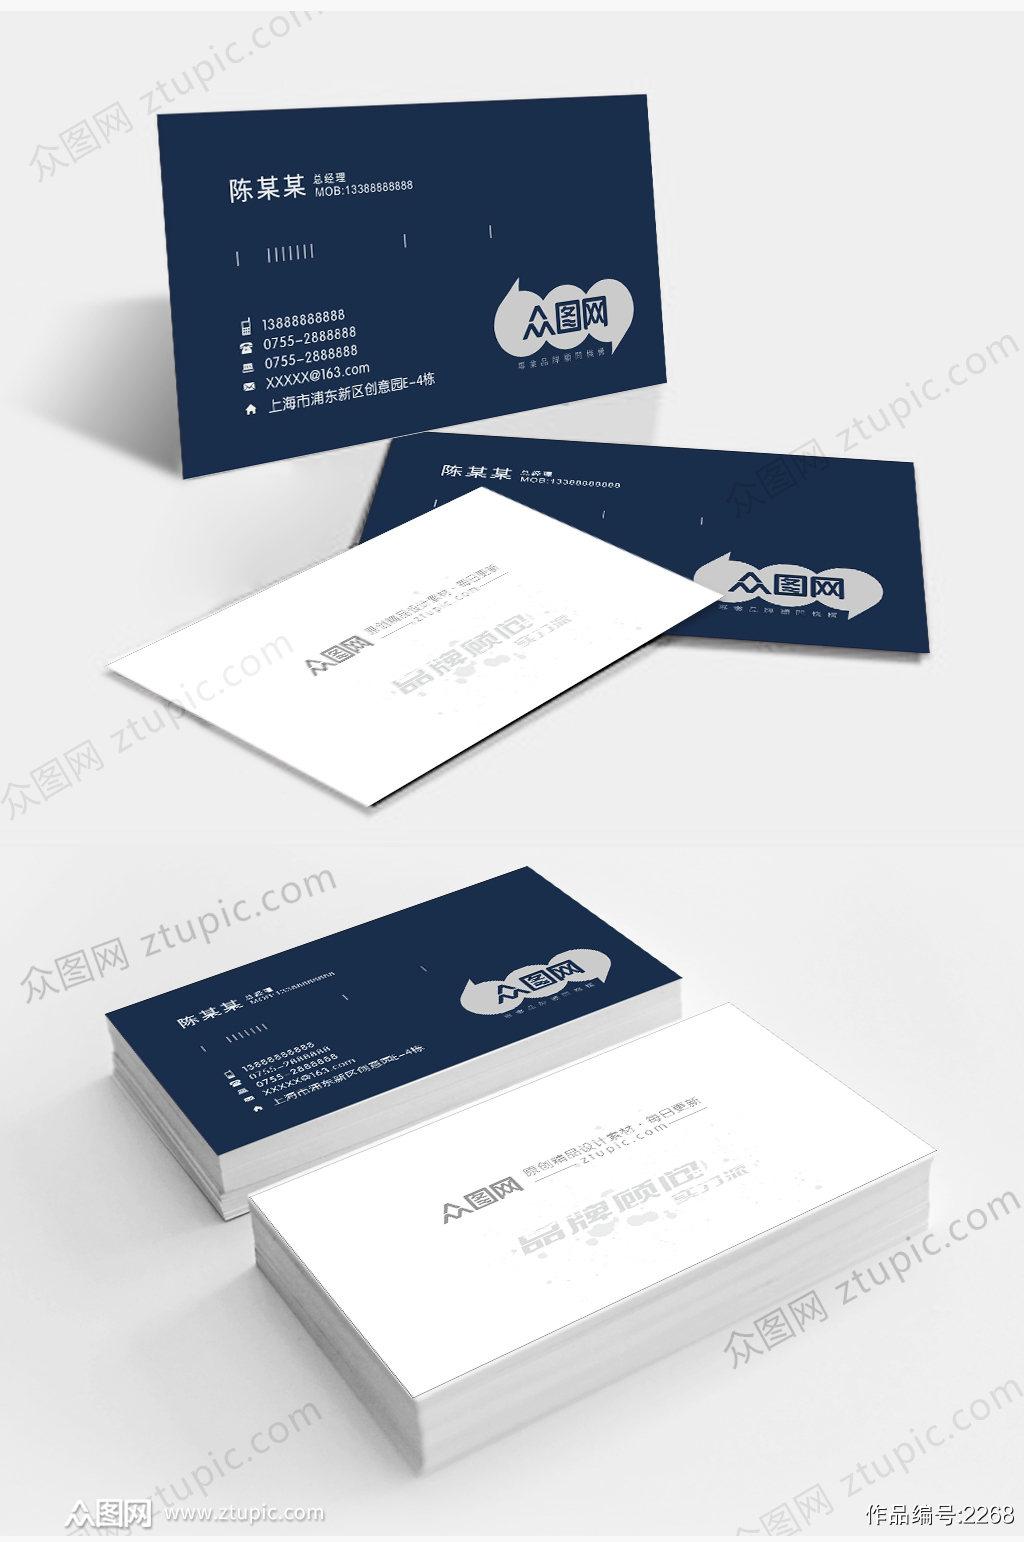 蓝色高档创意摄影名片设计素材